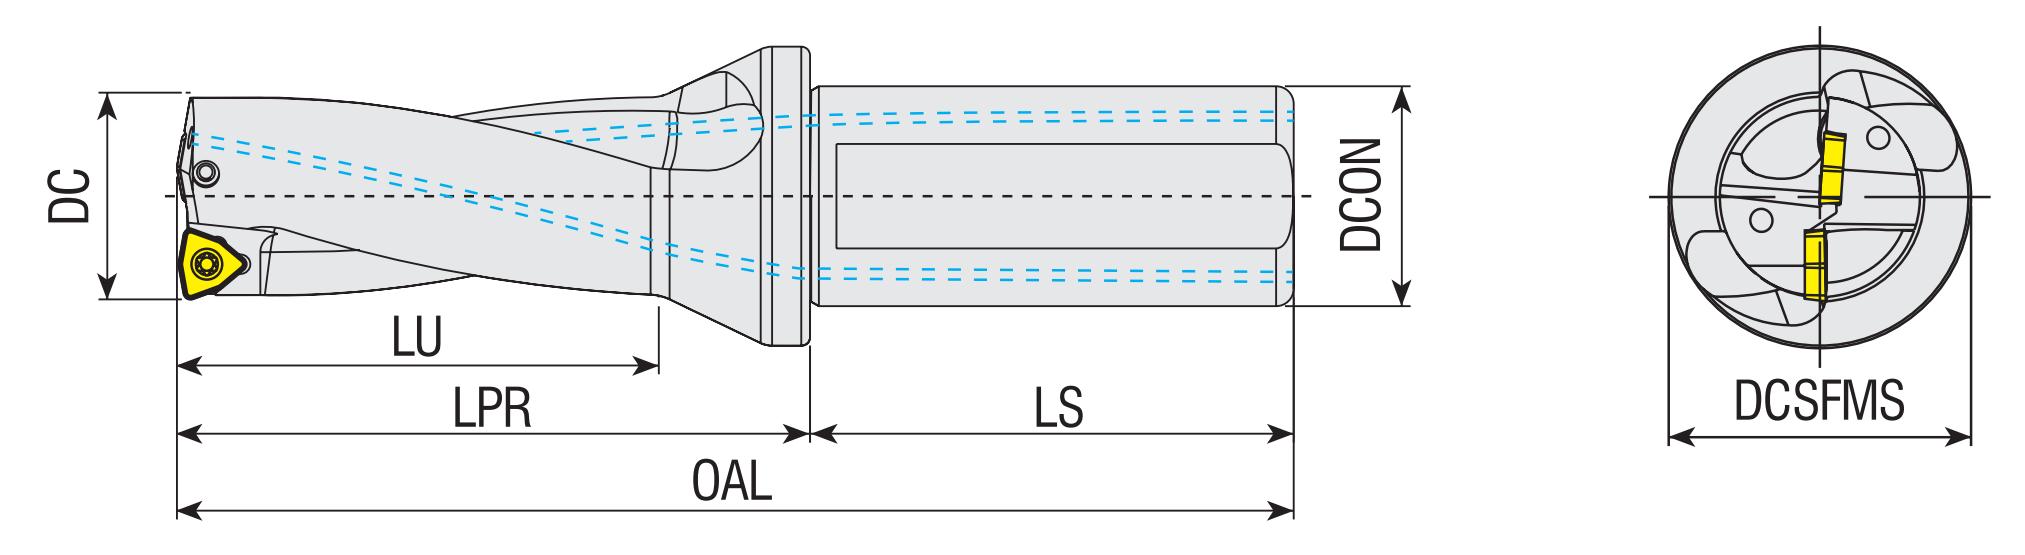 Vollbohrer 3xD mit Innenkühlung für SPKX / SPGT